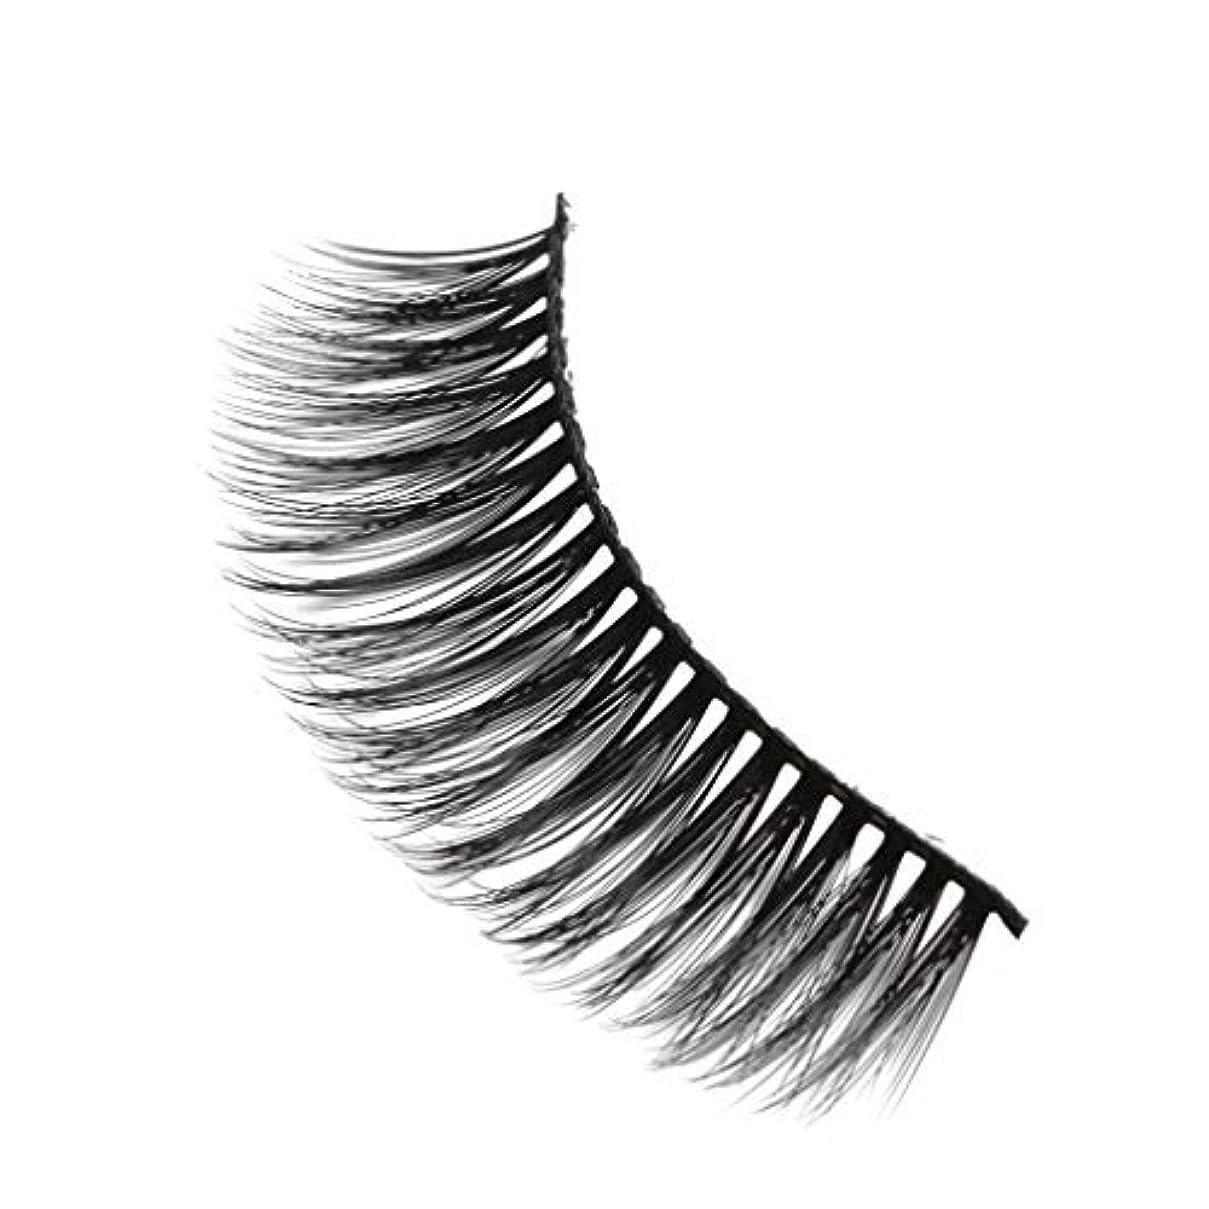 縁石シャイニング量柔らかい長い巻き毛と歪んだ多くの層まつげと3Dミンクの毛皮の10ペア